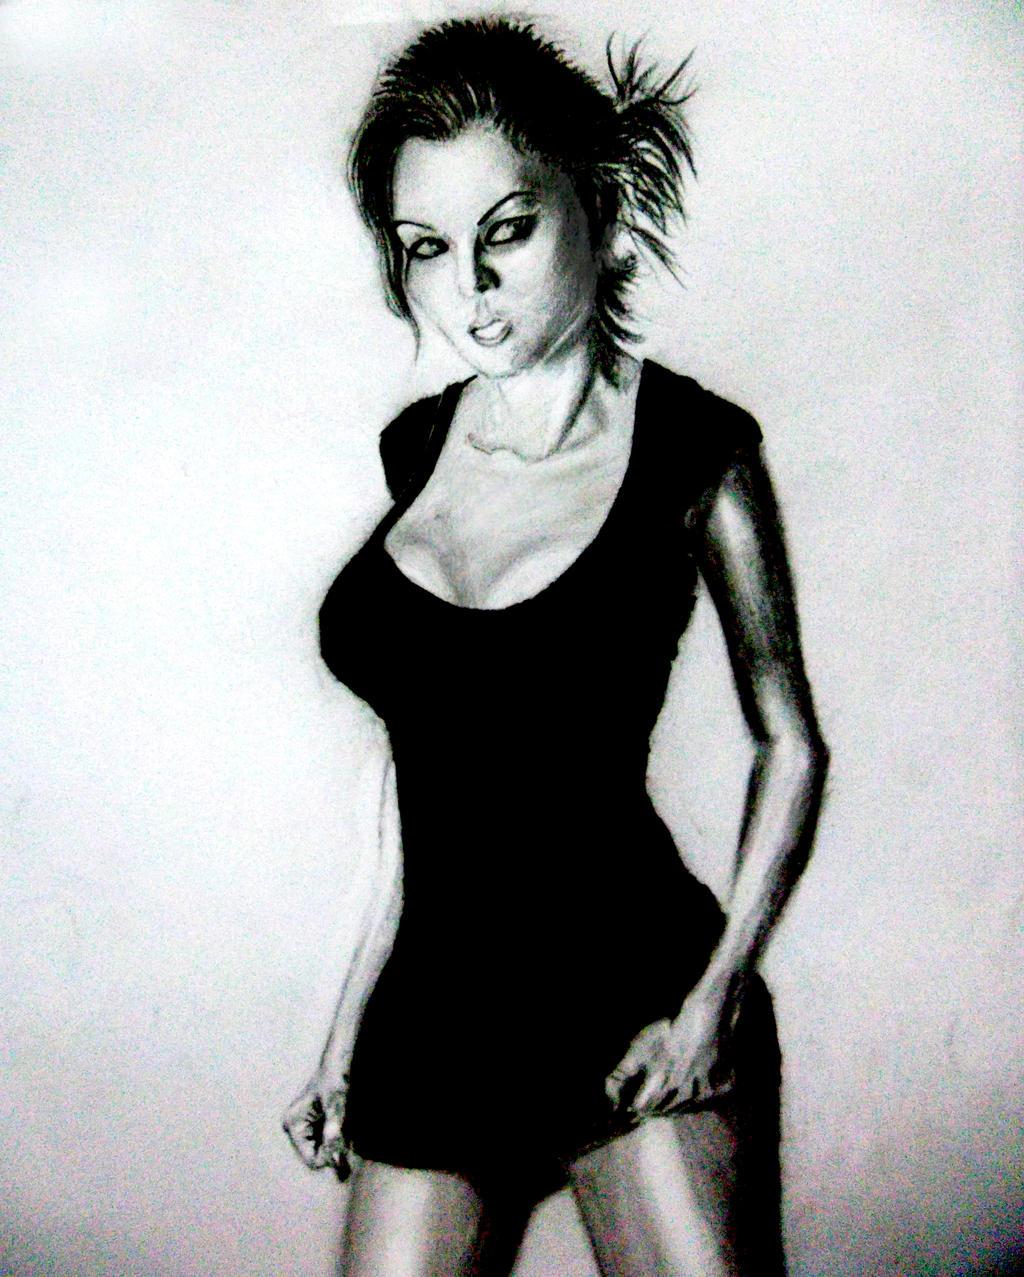 Girl In Black by alexkrat92